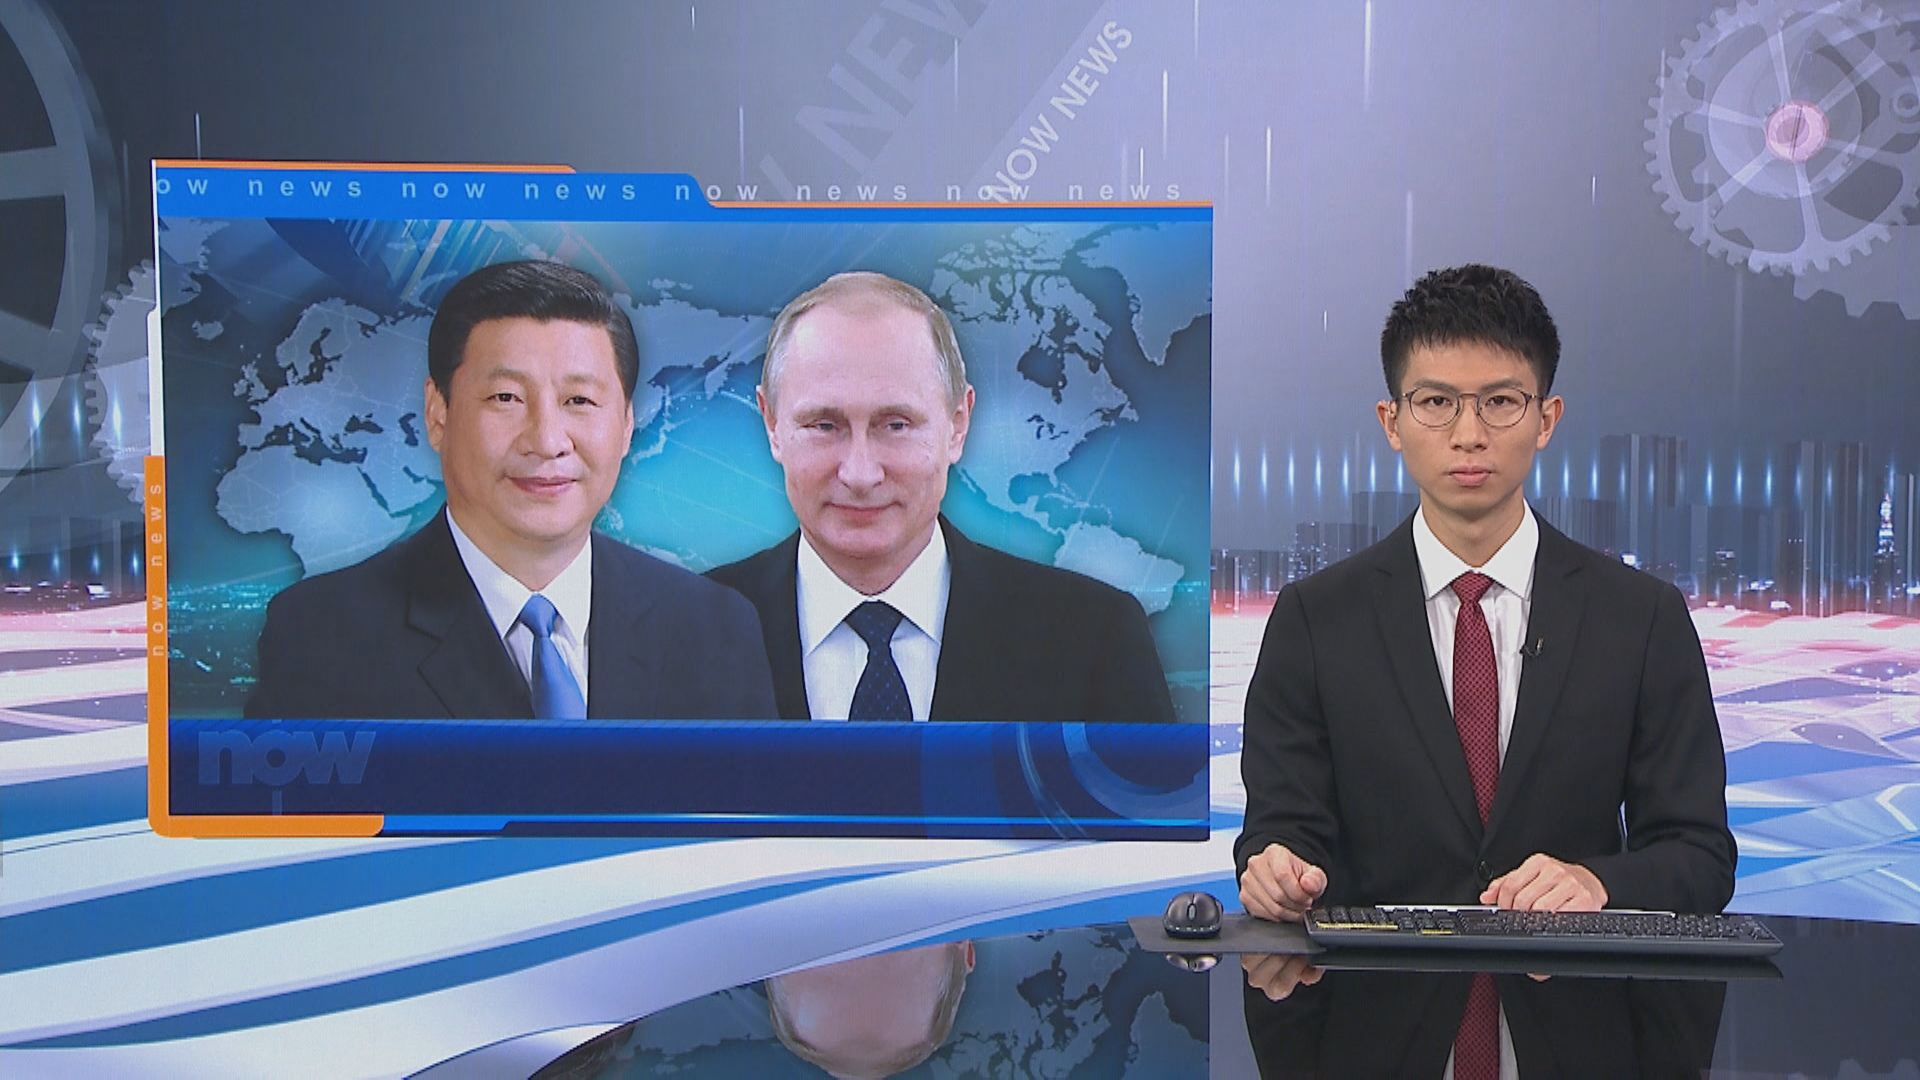 習近平與普京通電話 稱來年兩國要加強戰略協作